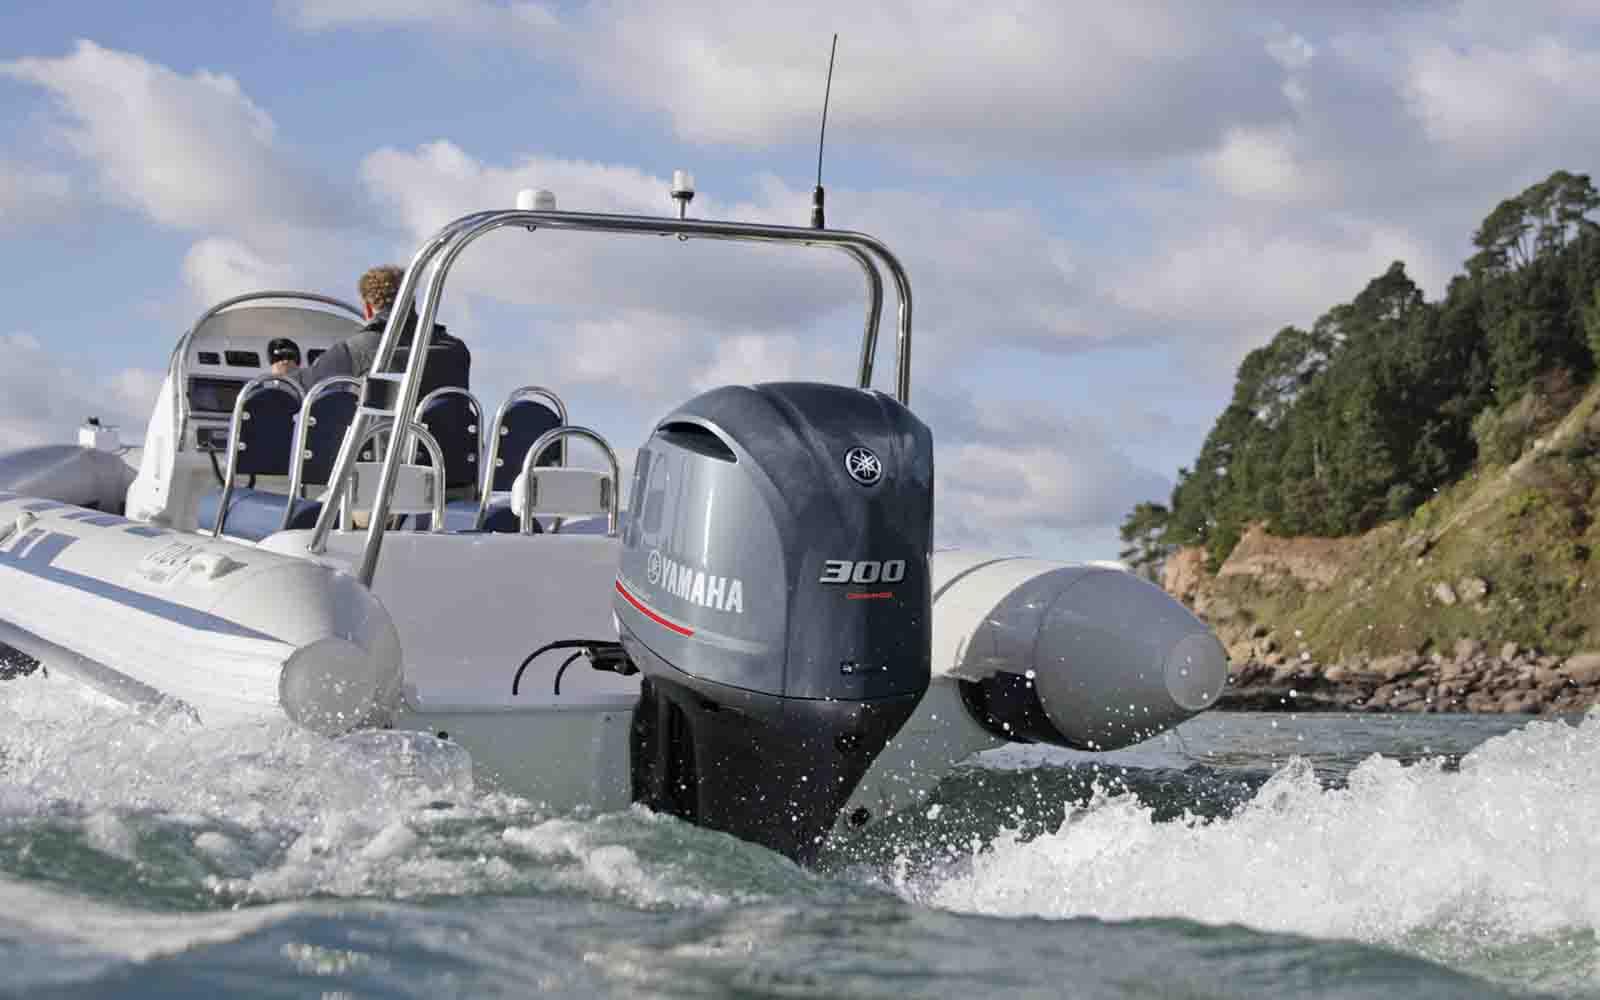 yamaha f300D - boat shopping 2